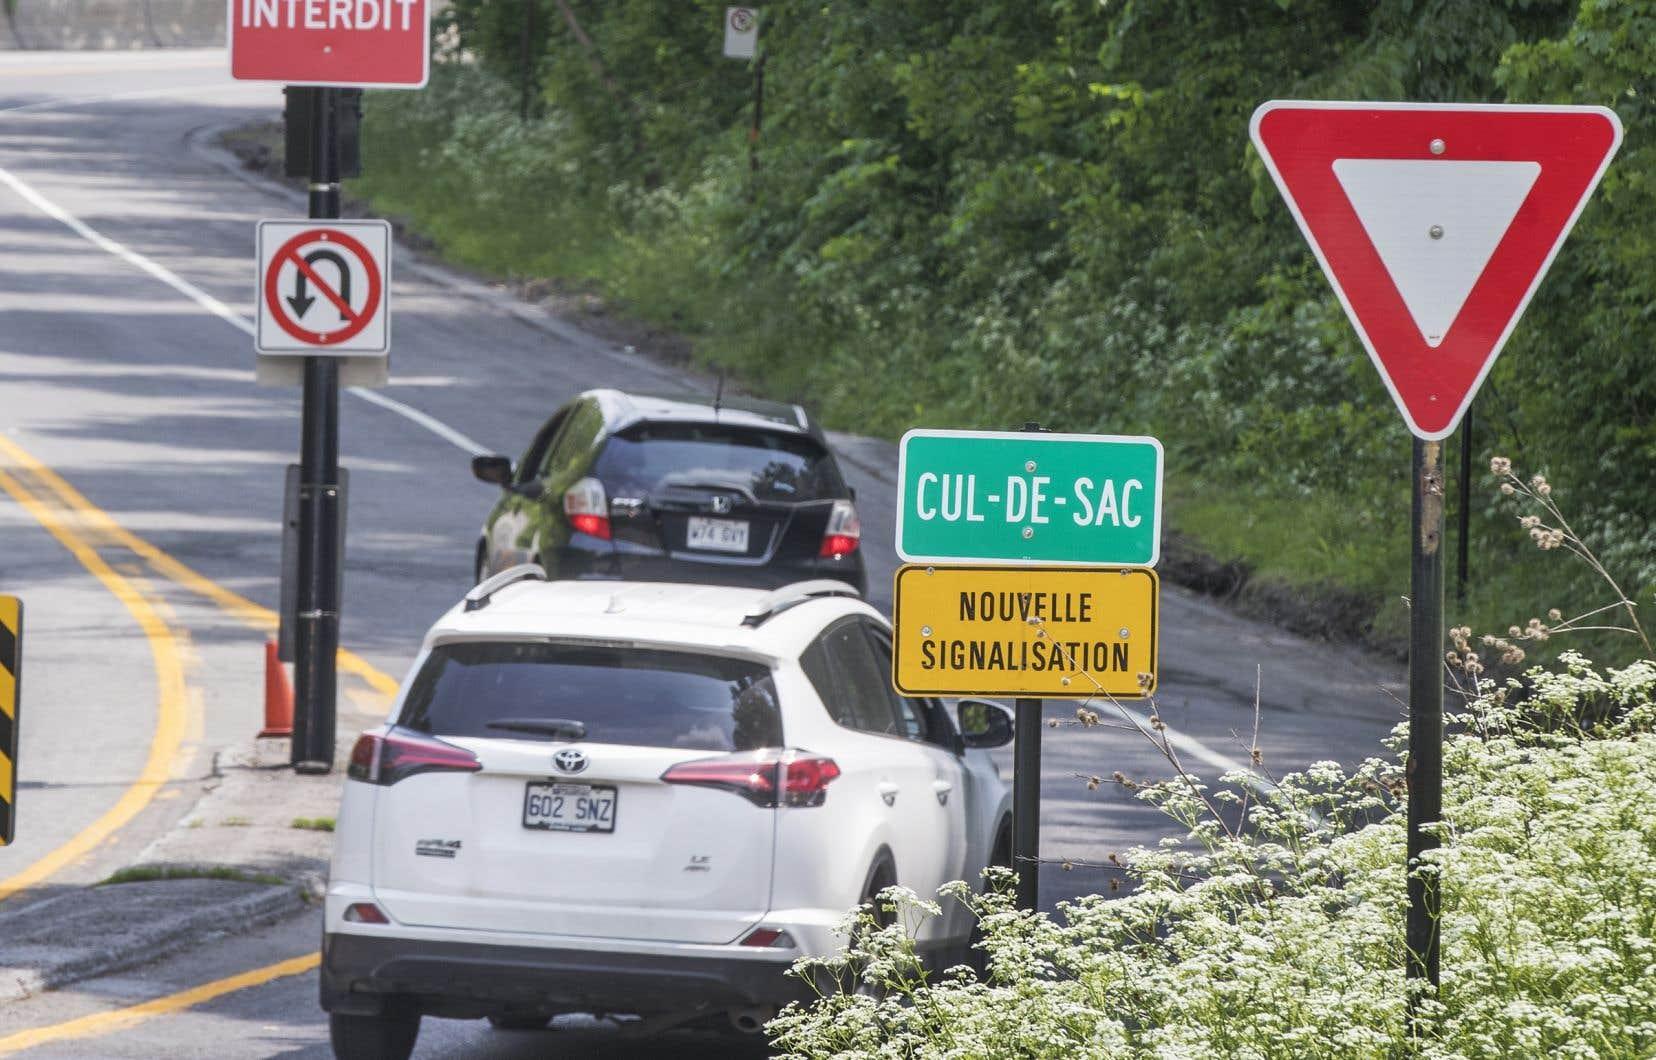 Le nombre de voitures circulant sur la montagne en semaine est passé de 10000 à 3700 véhicules par jour sur la voie Camillien-Houde.